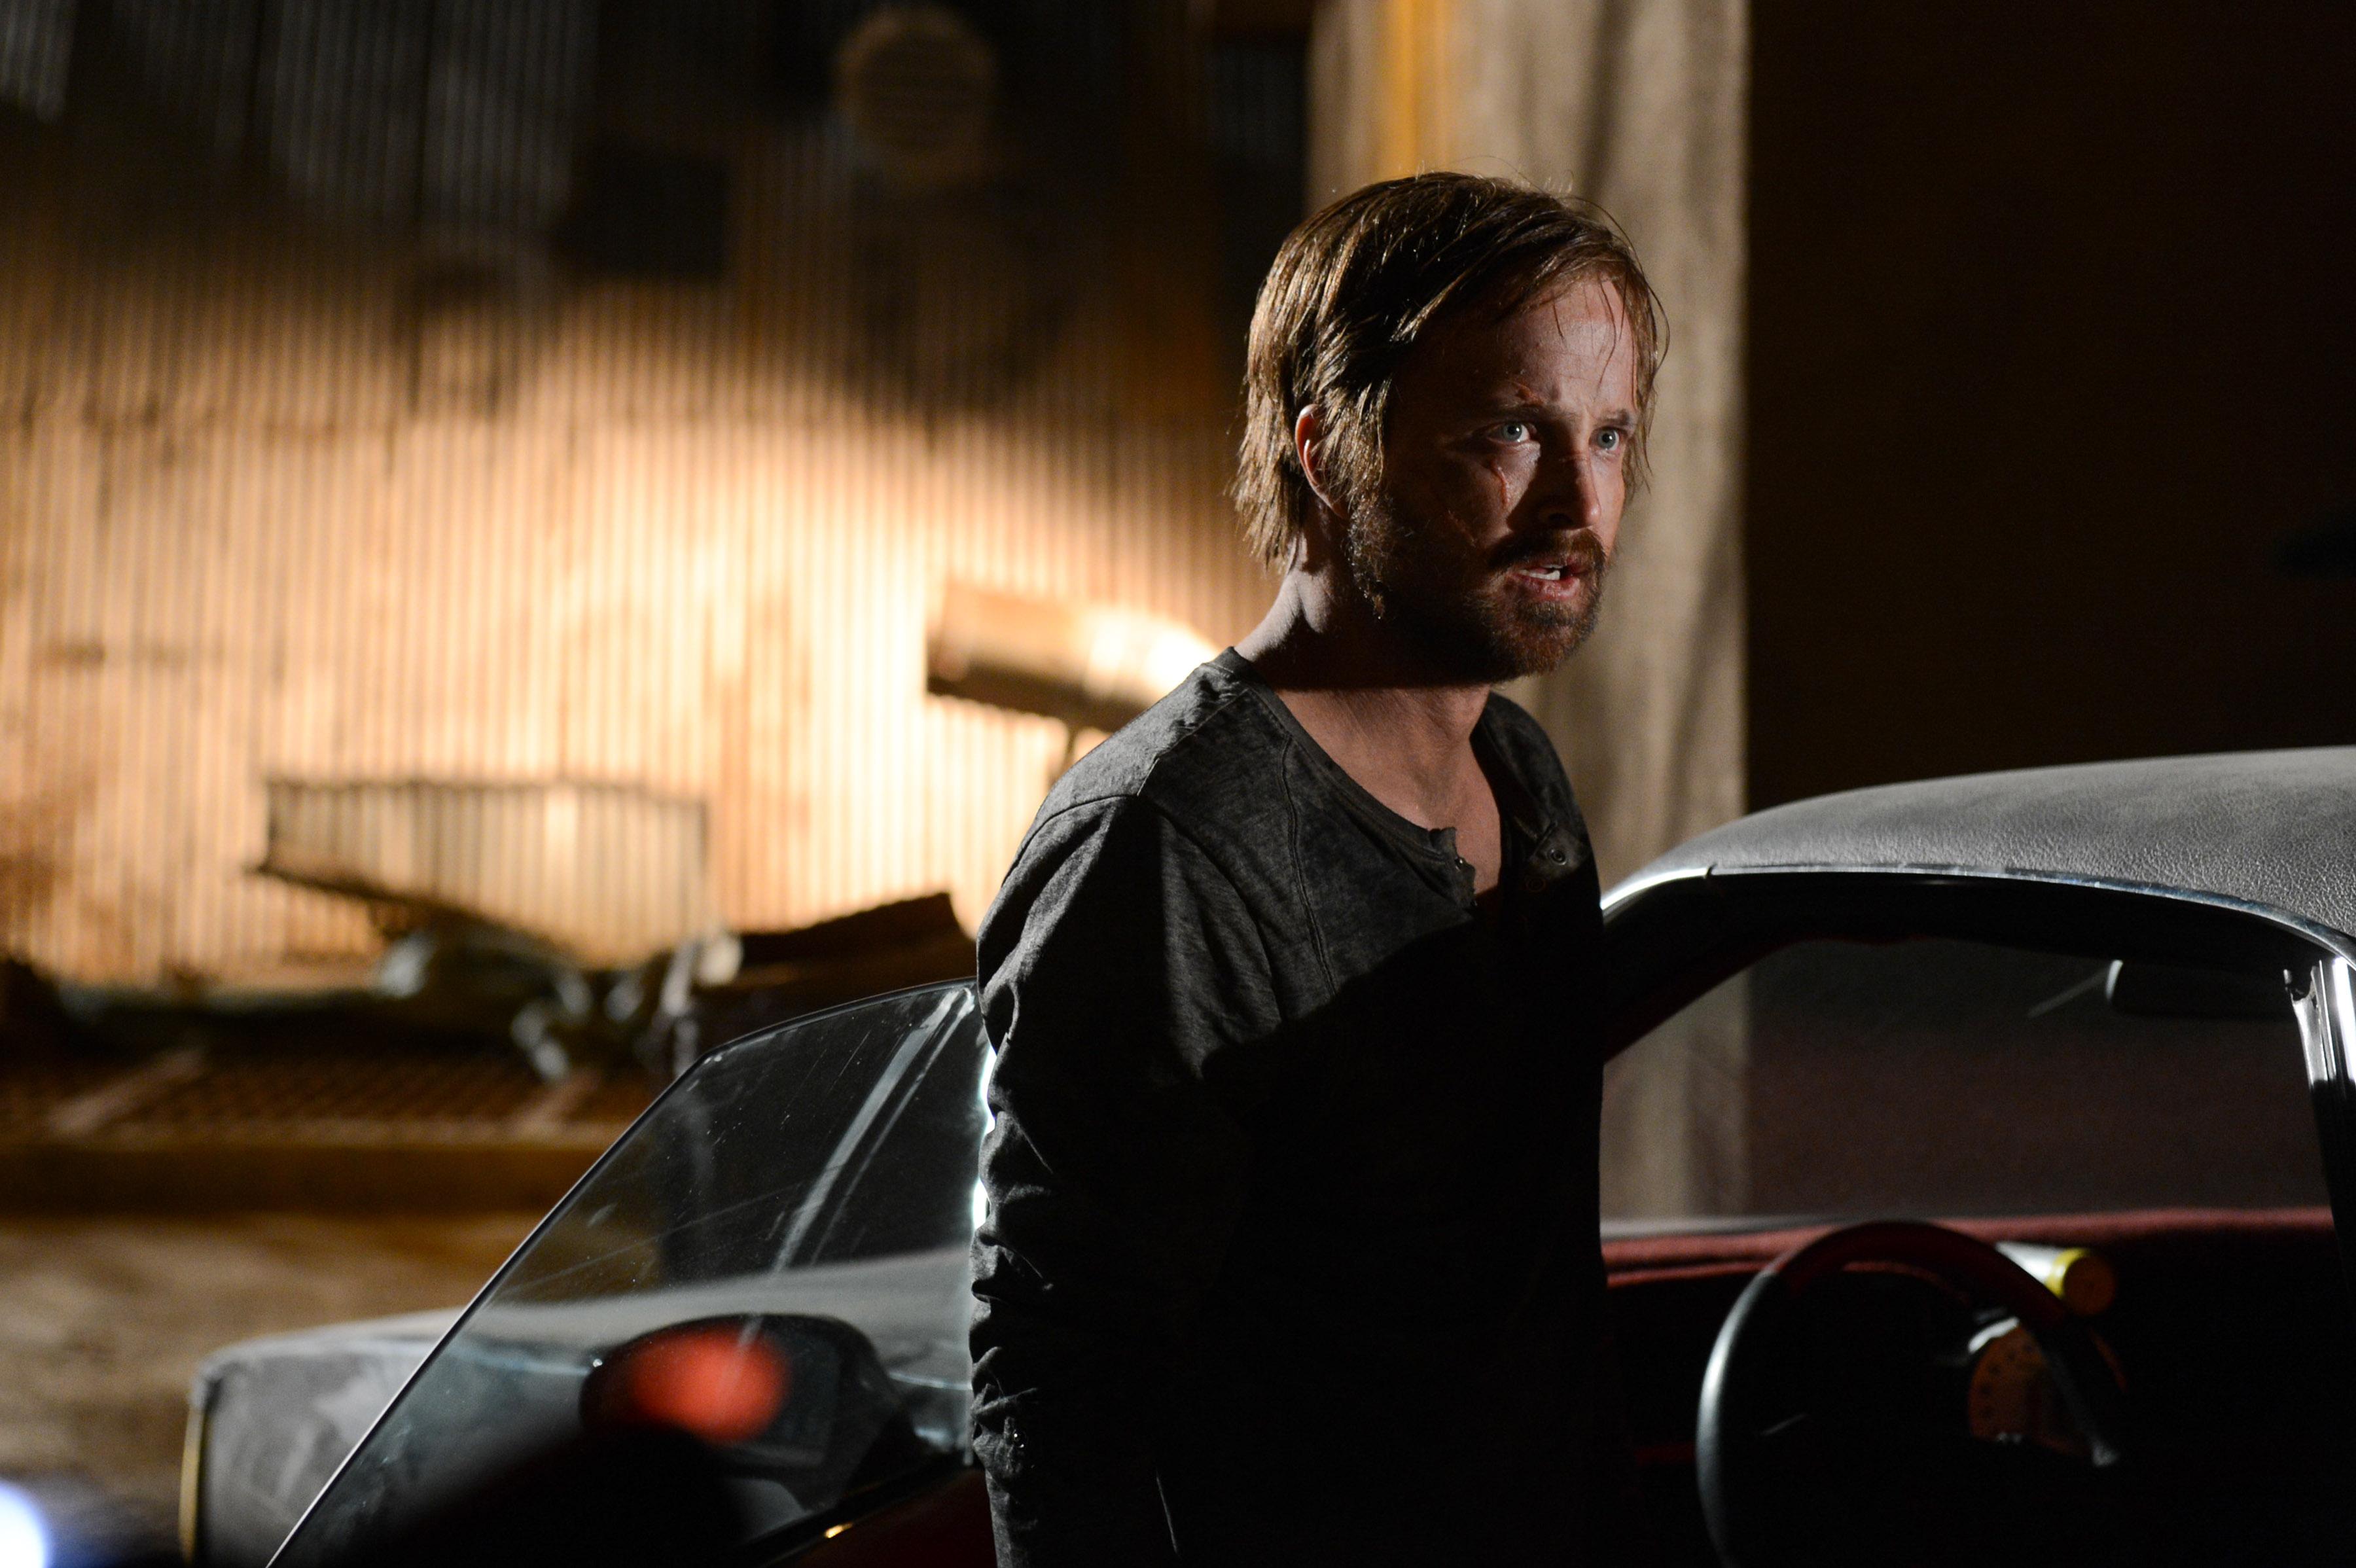 Aaron Paul as Jesse Pinkman in Breaking Bad Season 5, Episode 16